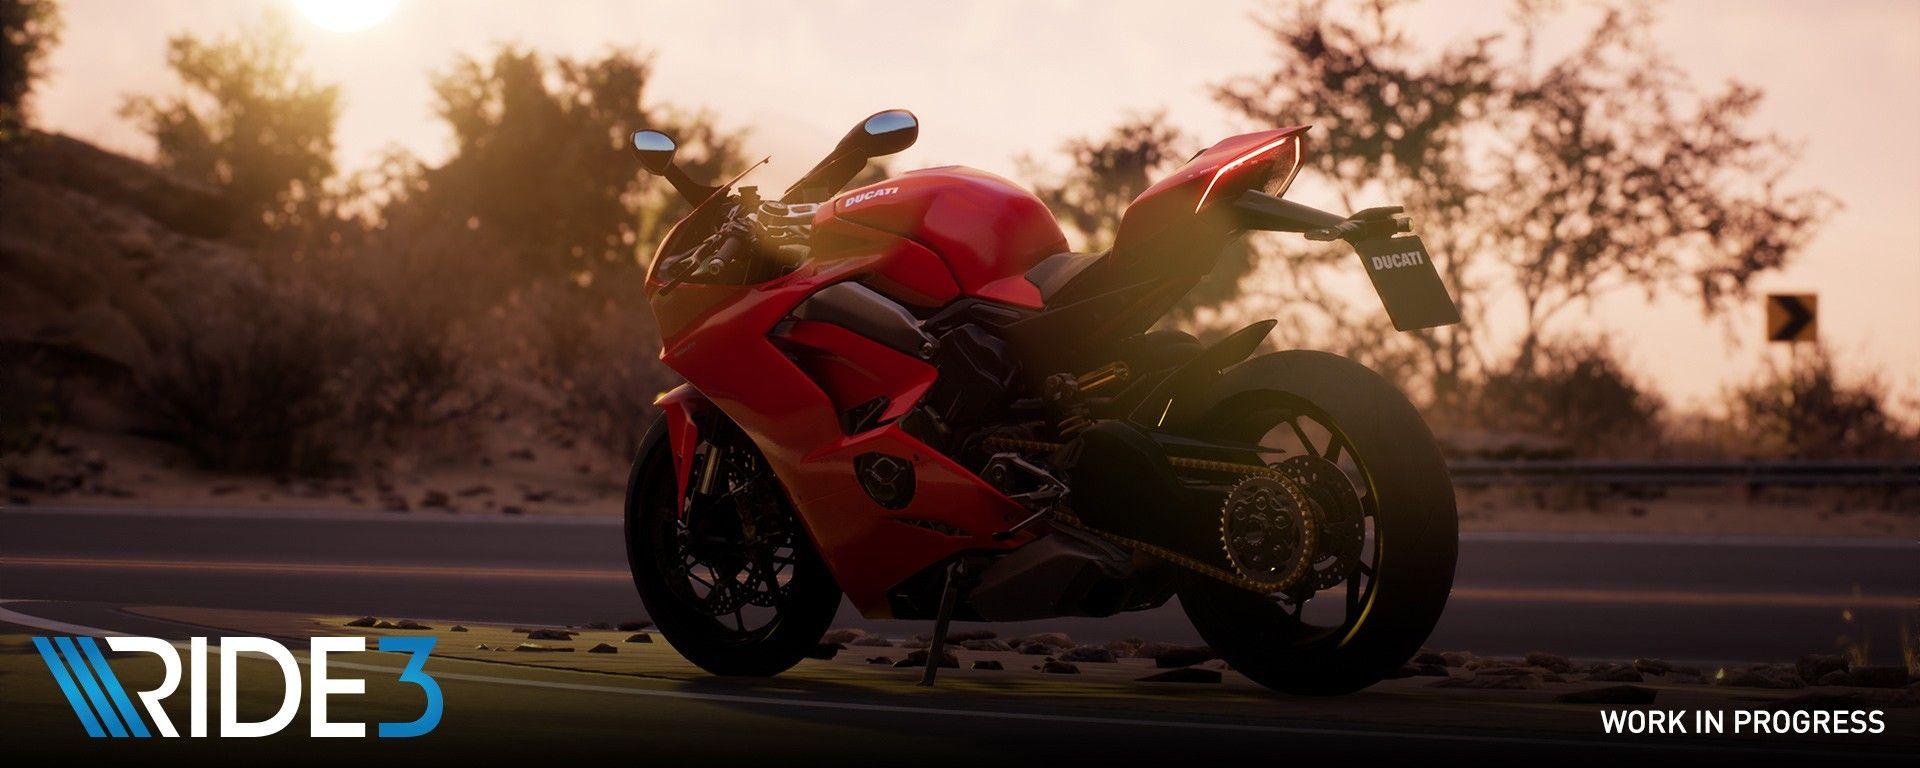 Le Ducati sbarcano su Ride 3: ecco il trailer